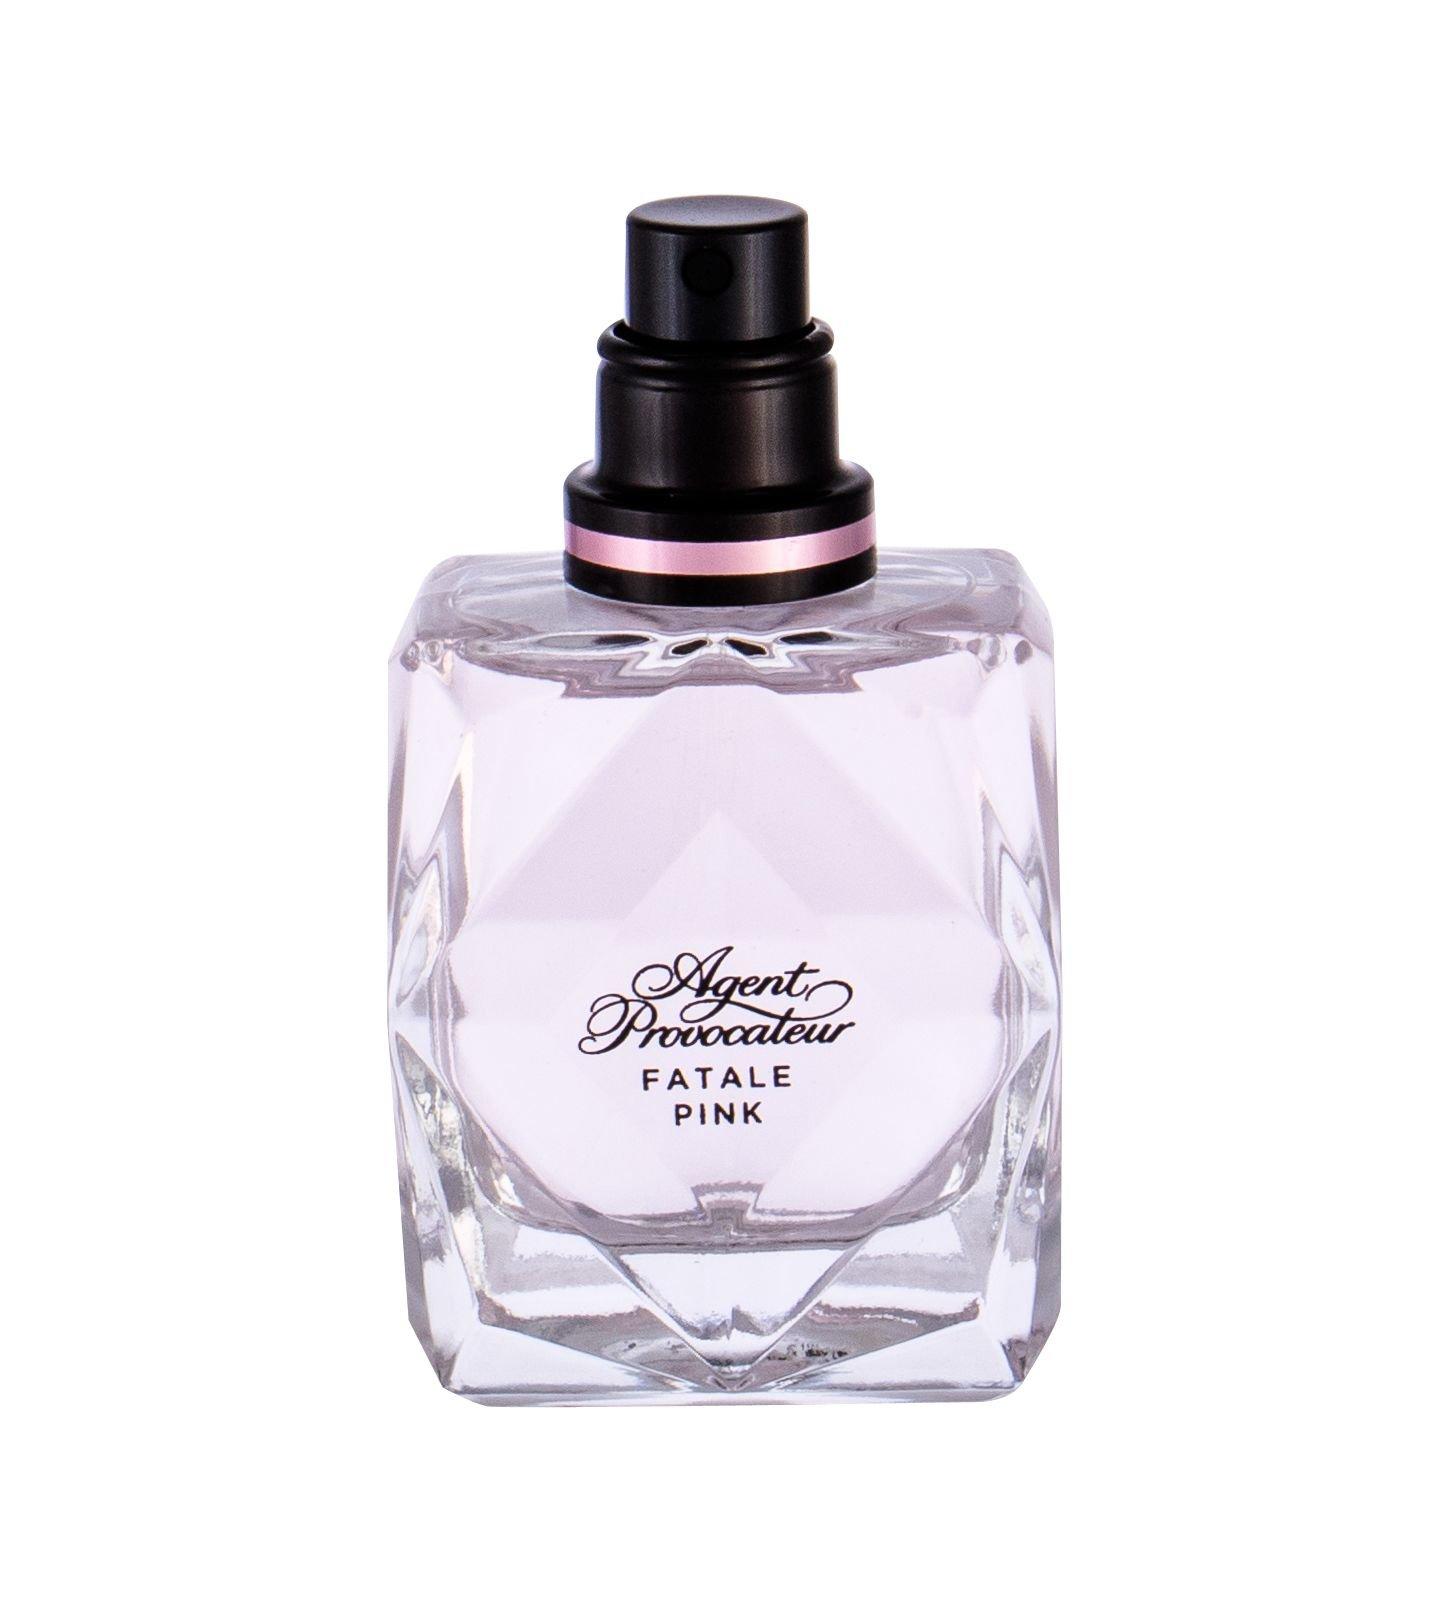 Agent Provocateur Fatale Eau de Parfum 30ml